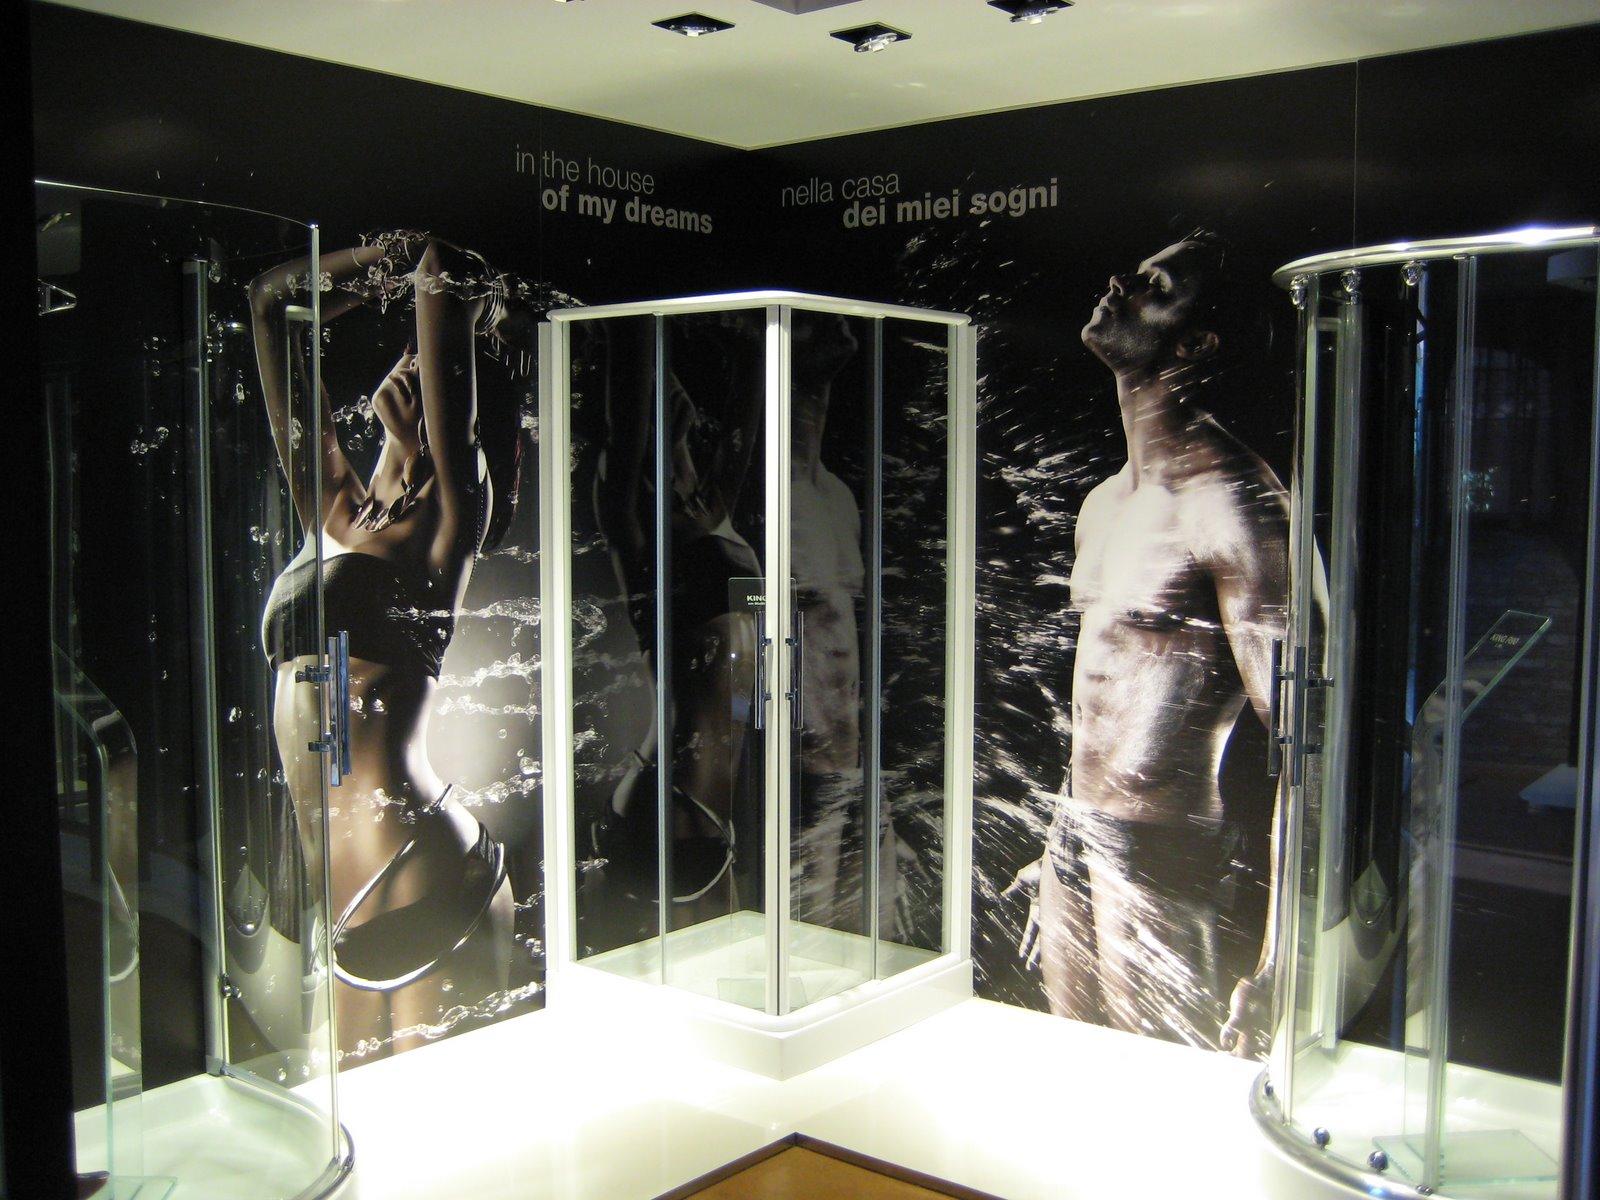 Puertas De Baño Acrilicas: de planchas acrílicas para puertas en tina de baño (Polietileno